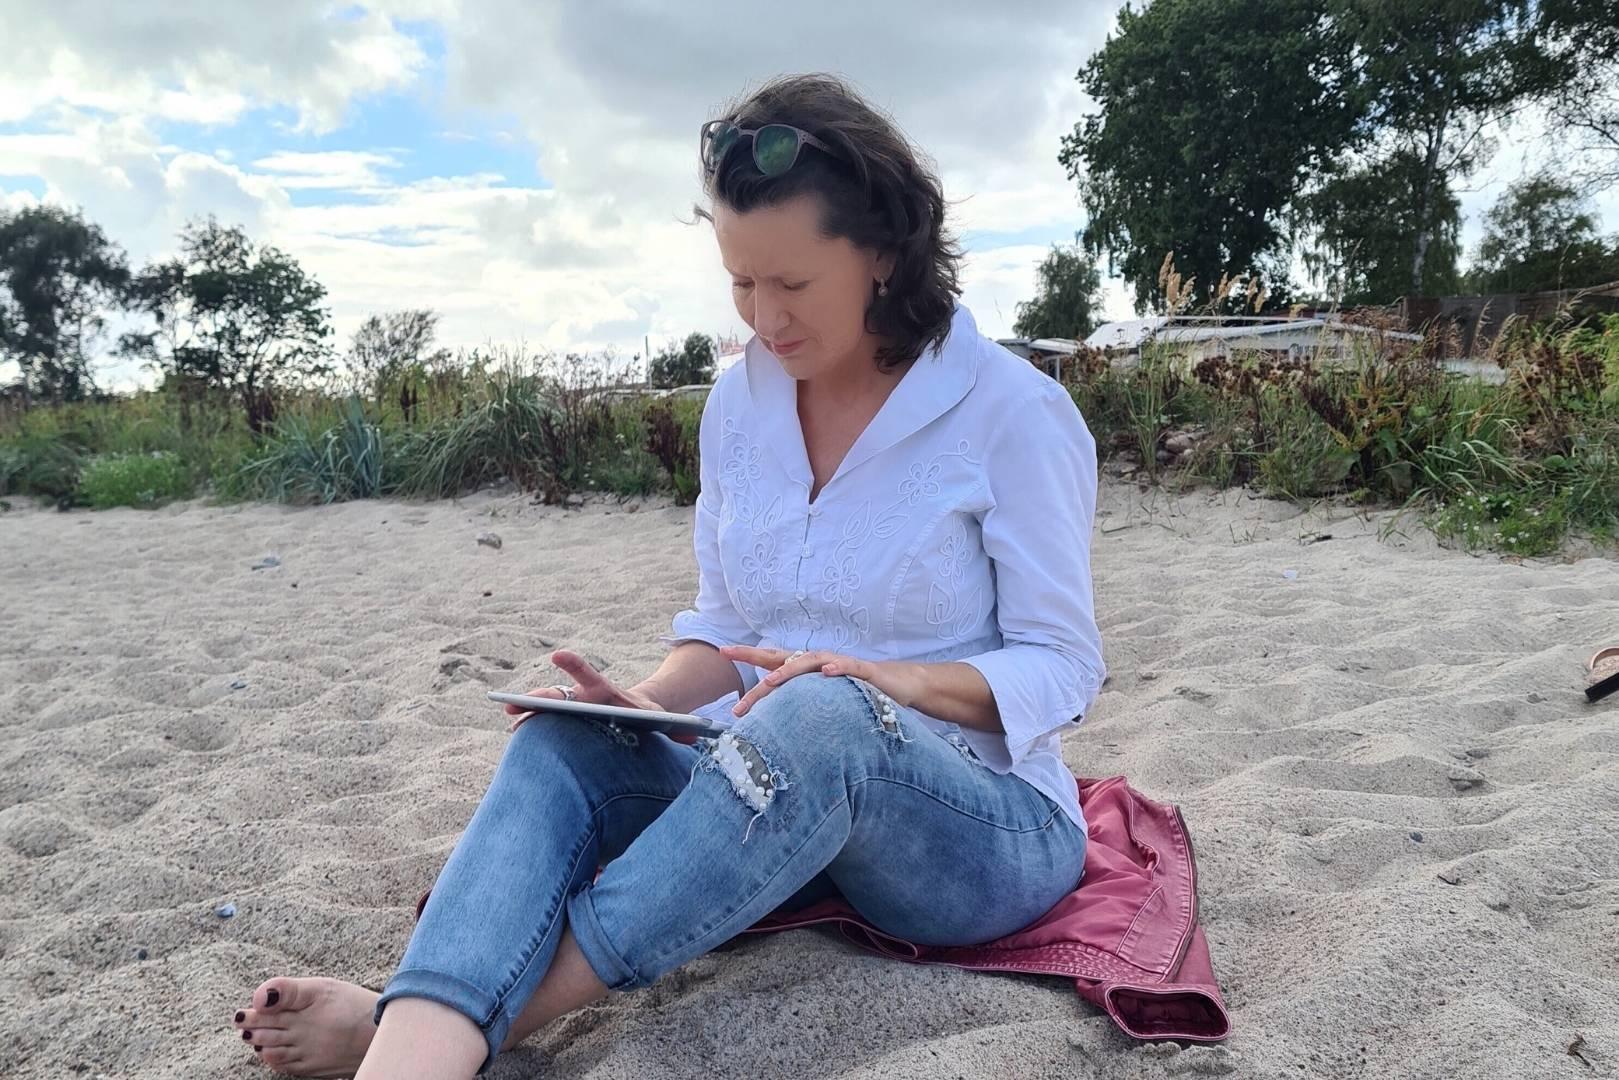 Dörte arbeitet am Strand